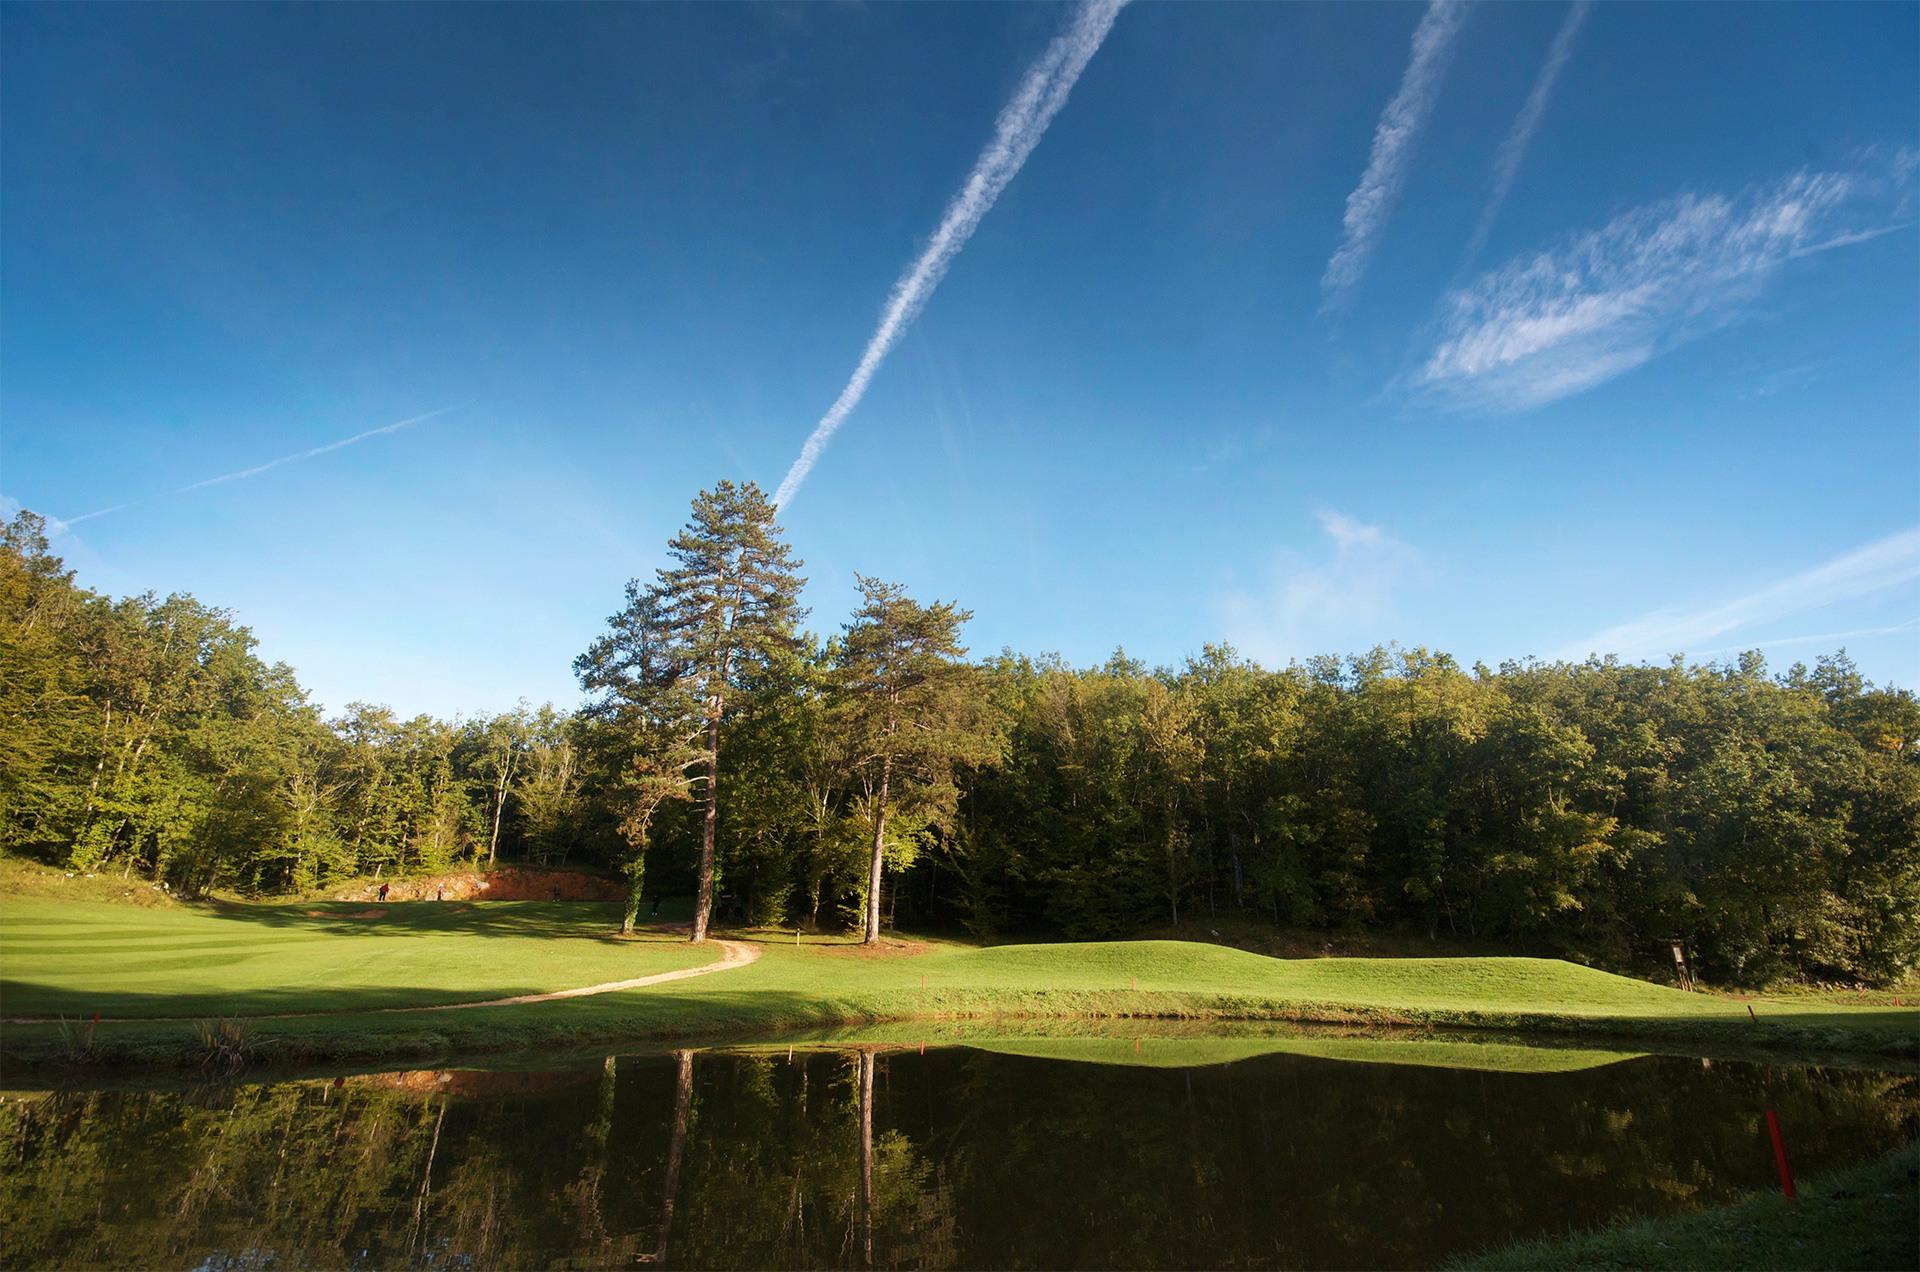 Trou numéro 3 - Golf de Souillac - Vallée de la Dordogne